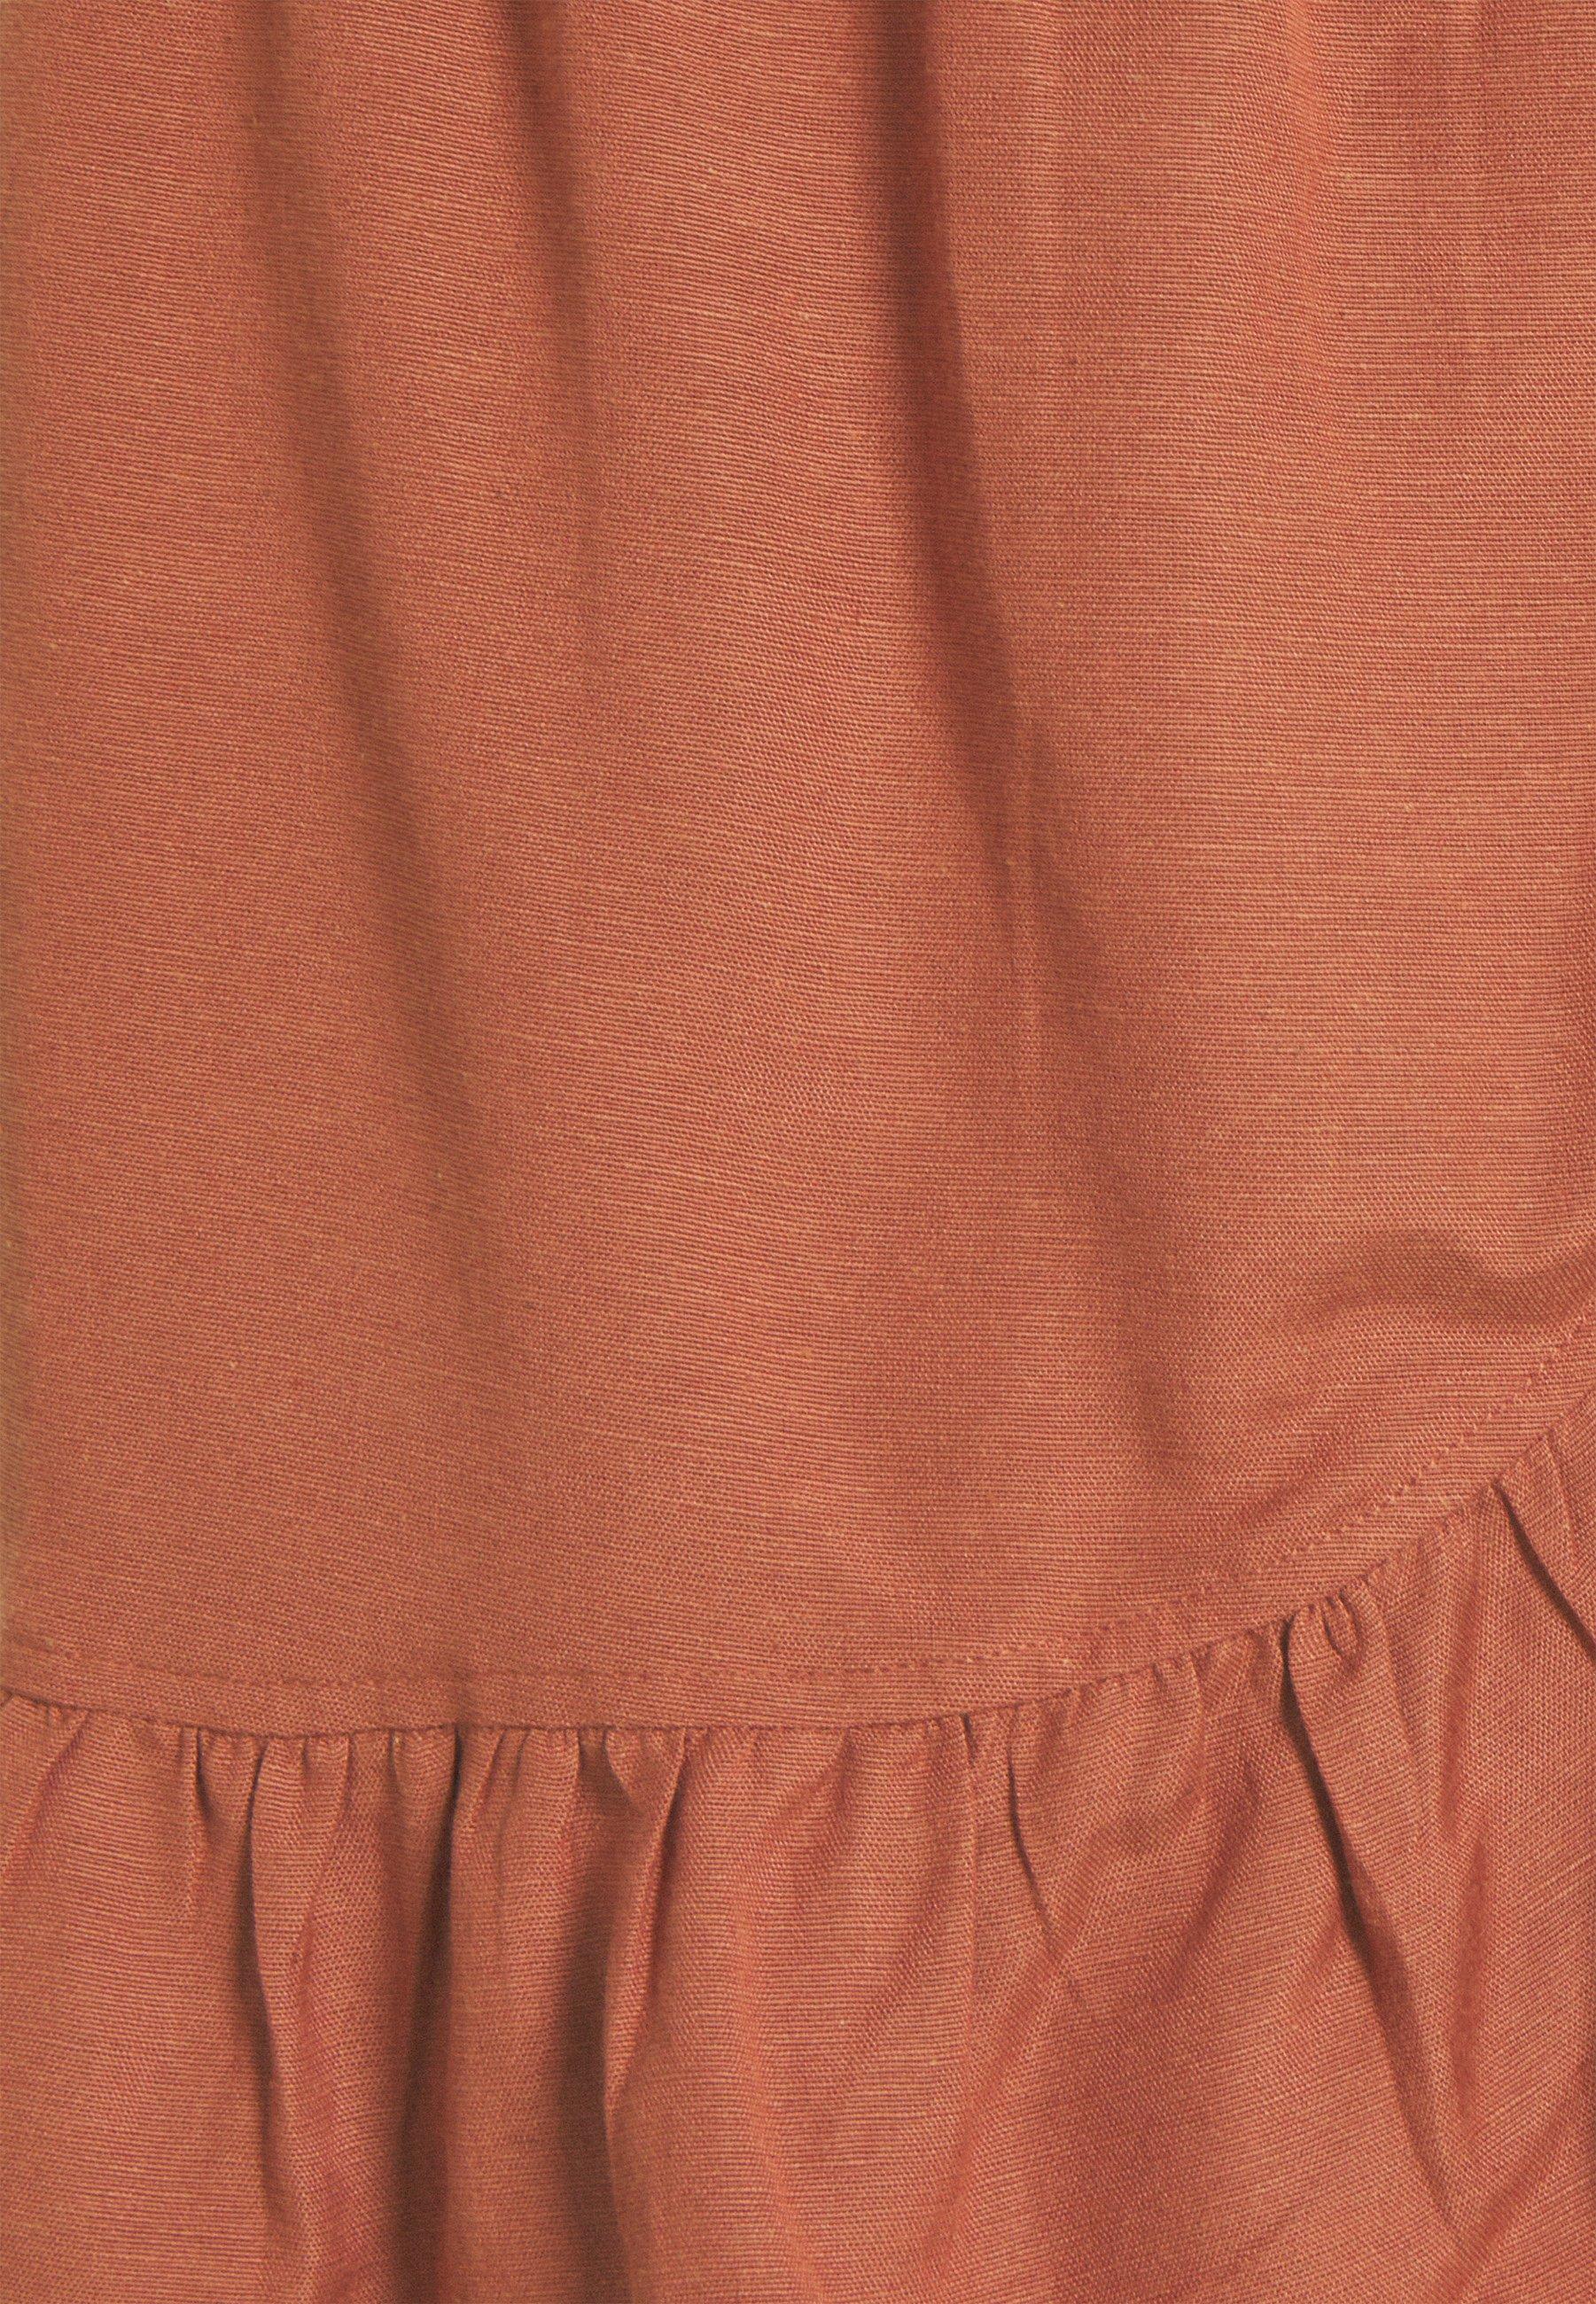 Femme ONLCARLY VIVA NEW LIFE  WRAP SKIRT - Minijupe